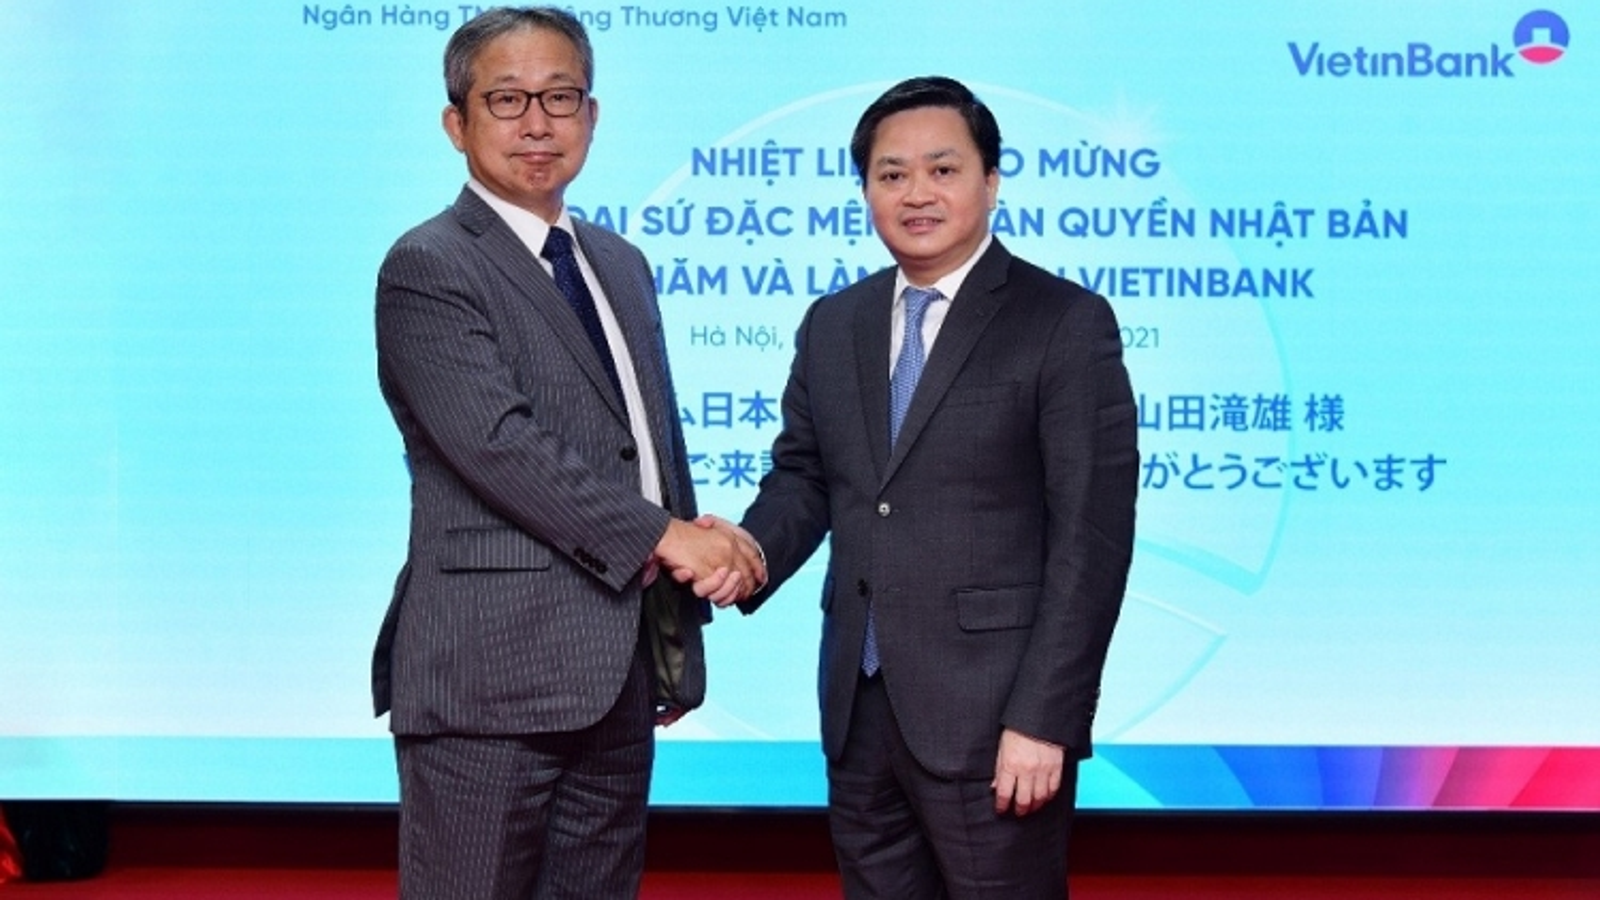 Đại sứ Đặc mệnh toàn quyền Nhật Bản thăm và làm việc tại VietinBank